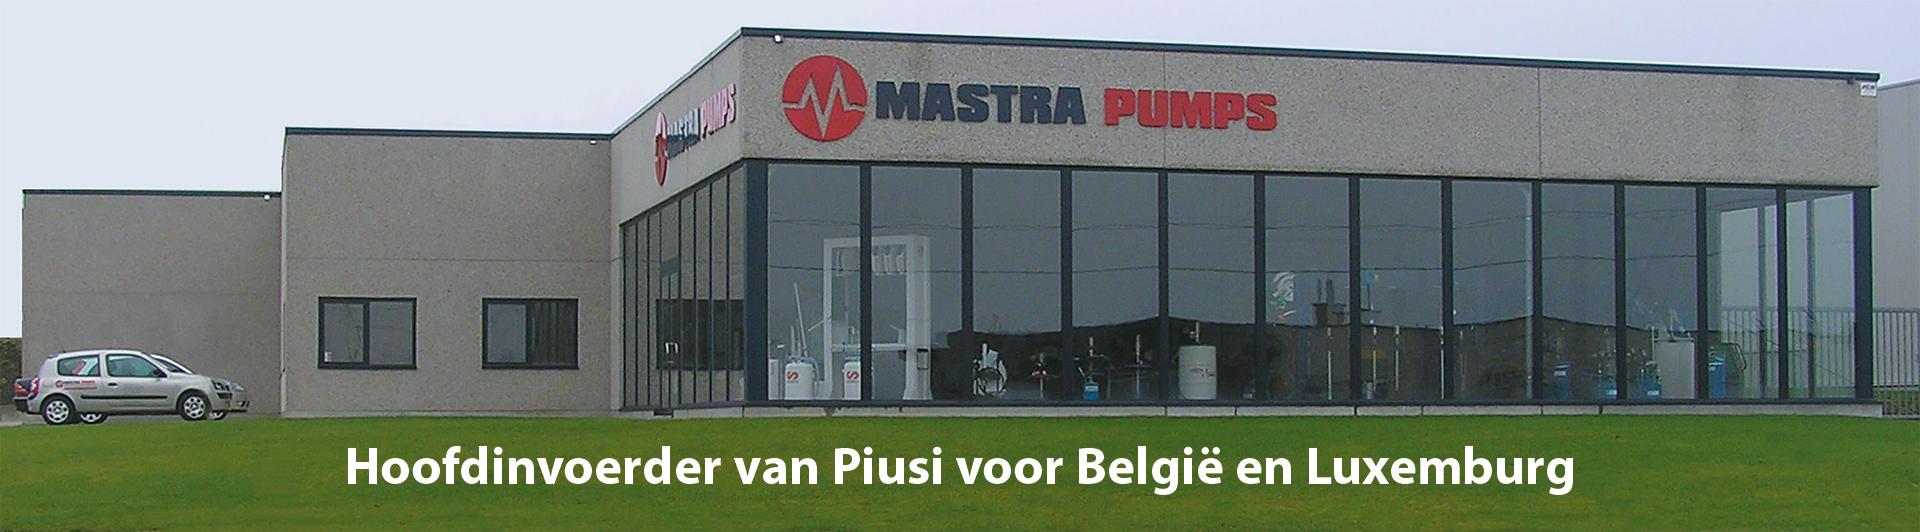 mastrapumps_nl